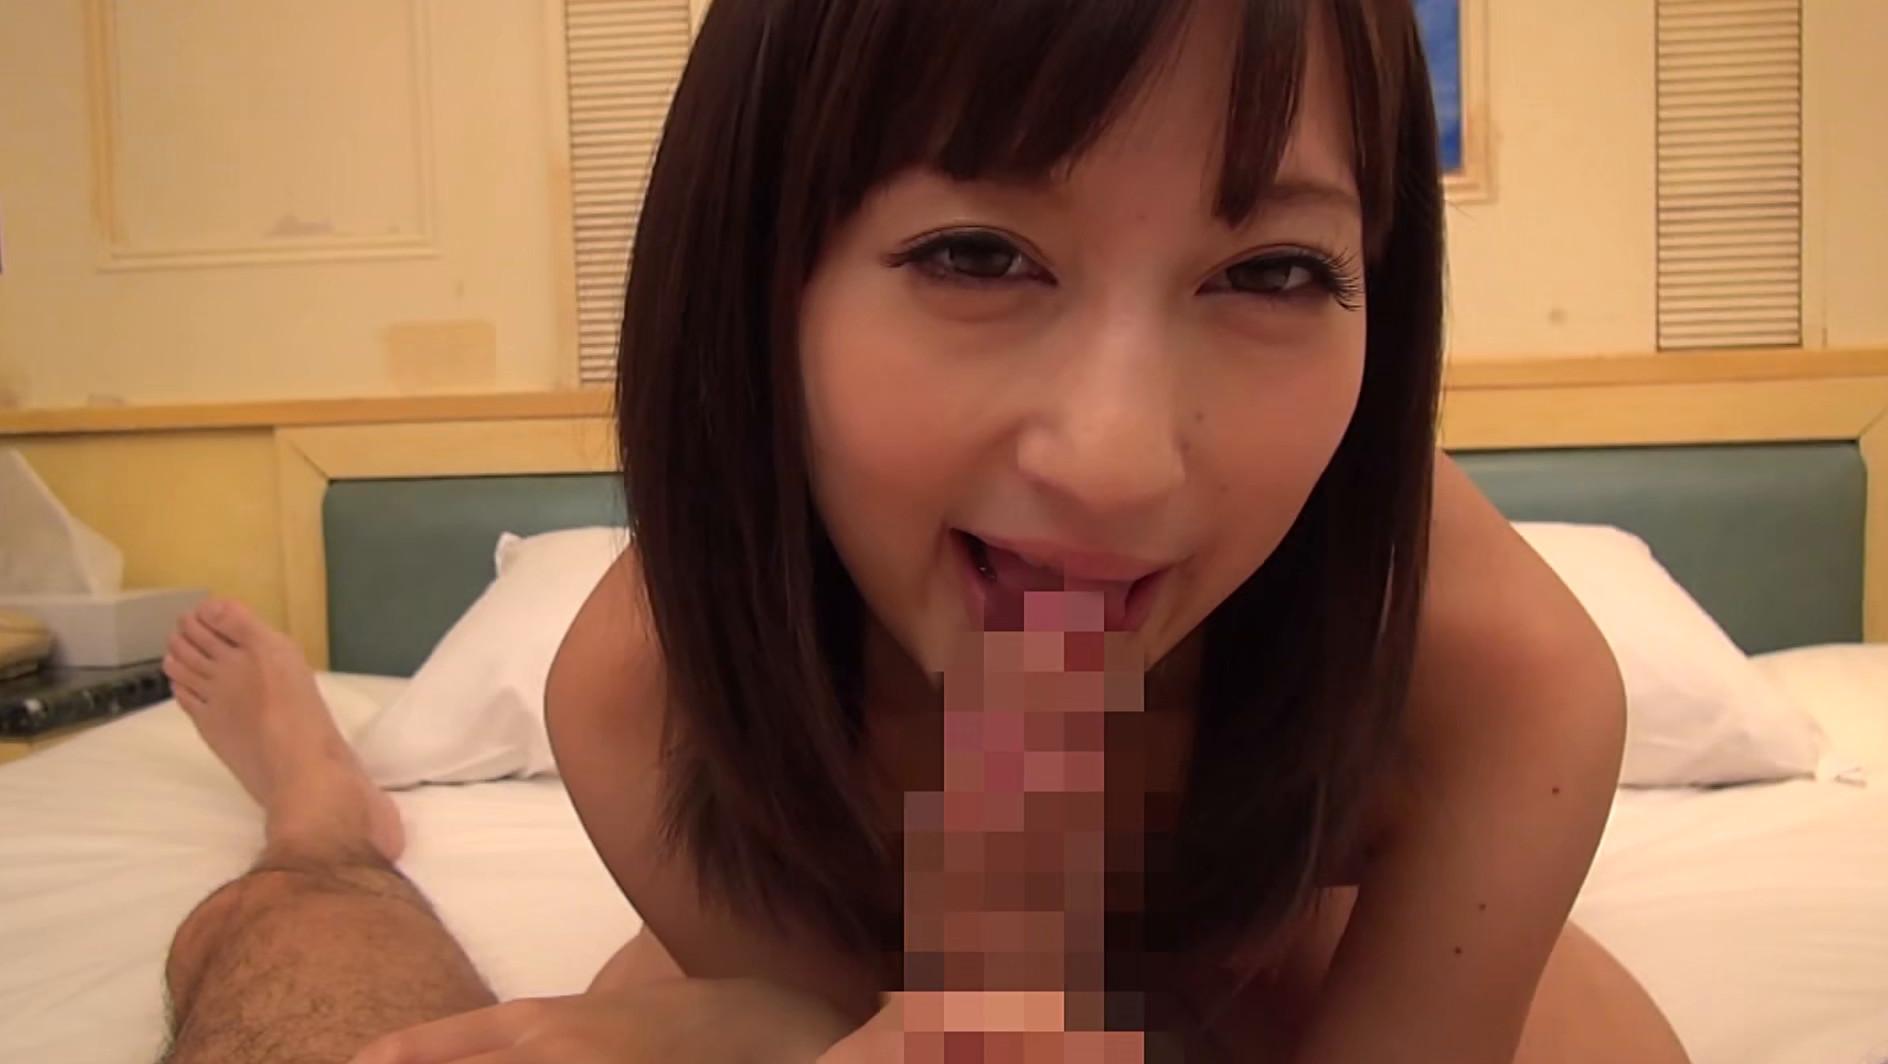 街角シロウト S級アイドル美少女ちゃんねる モデル志望のスレンダー娘の裏デビュー スペシャル4時間 画像20